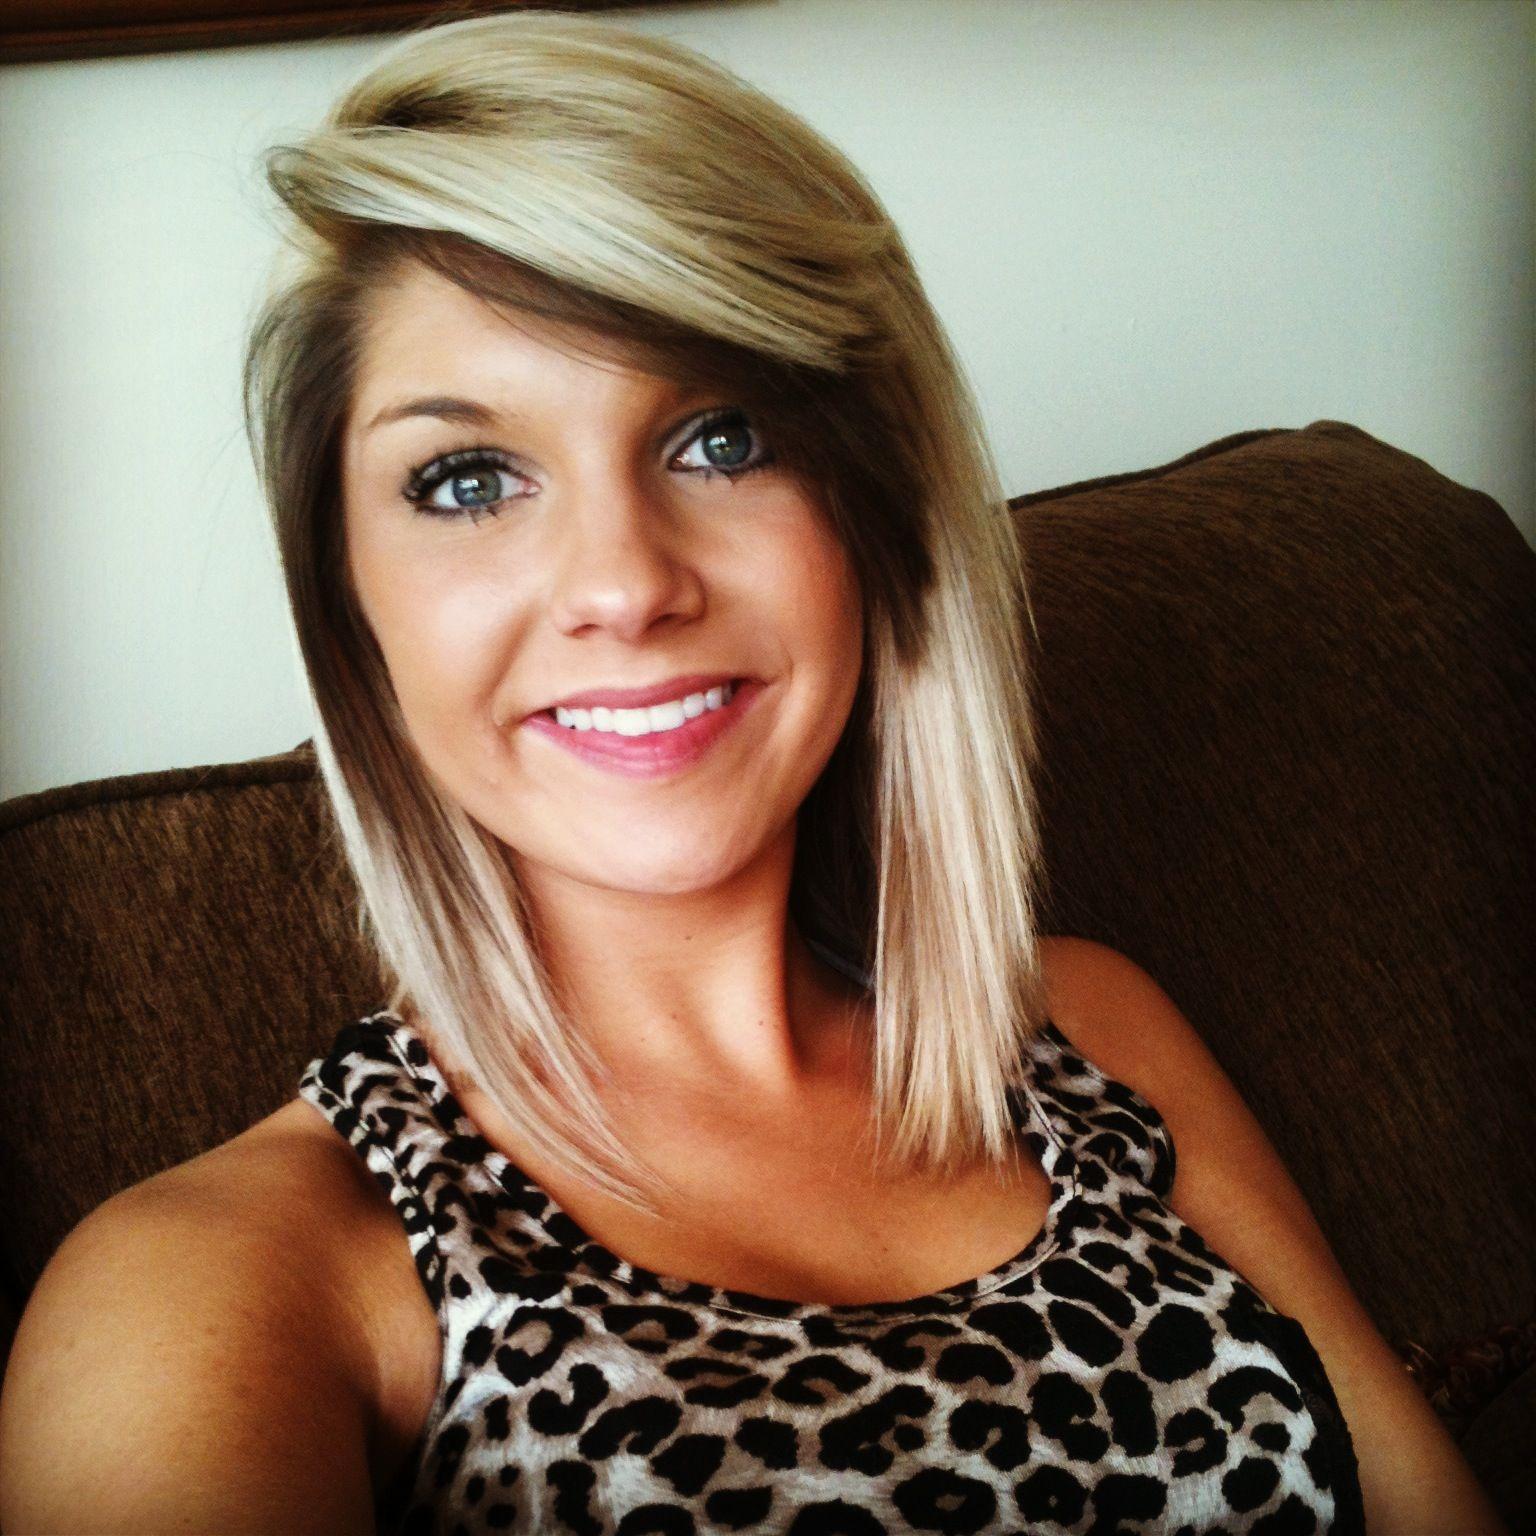 Short Blonde Hair With Dark Underneath - short-hairstyles.co